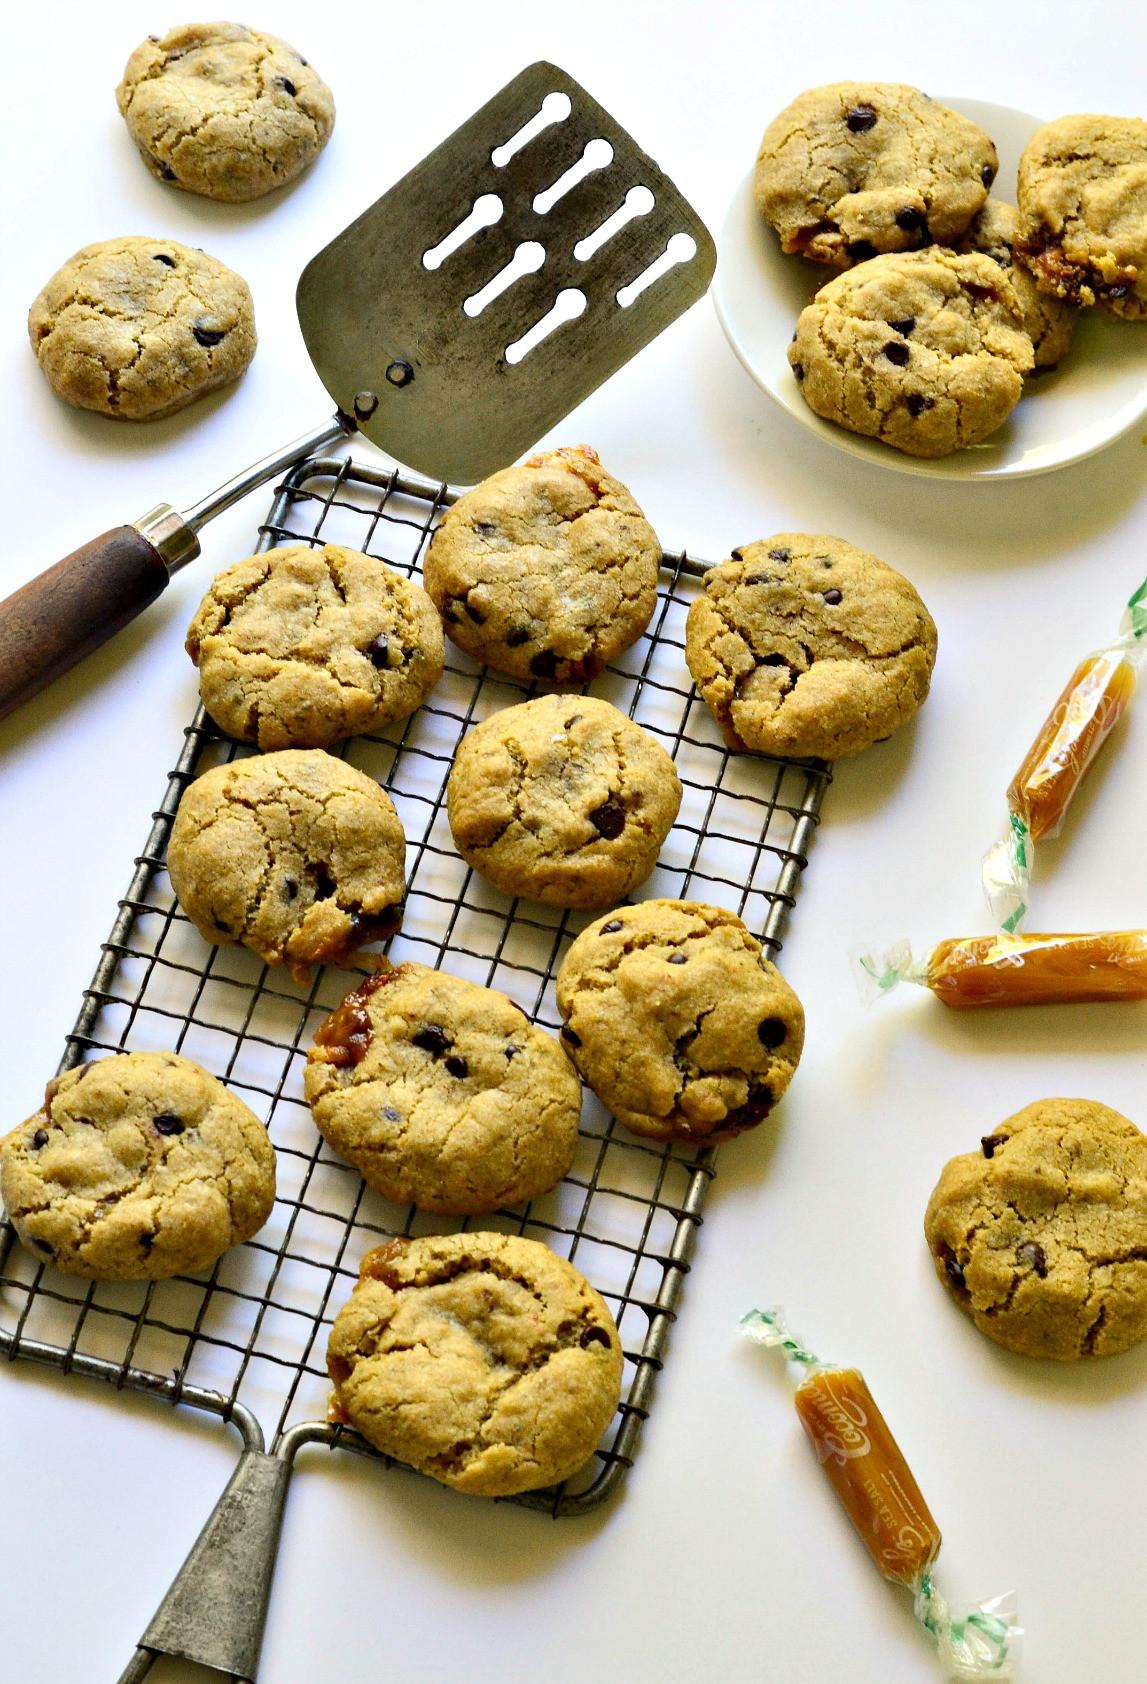 Caramel Chocolate Chip Cookies  Salted Caramel Chocolate Chip Cookies Fork and Beans